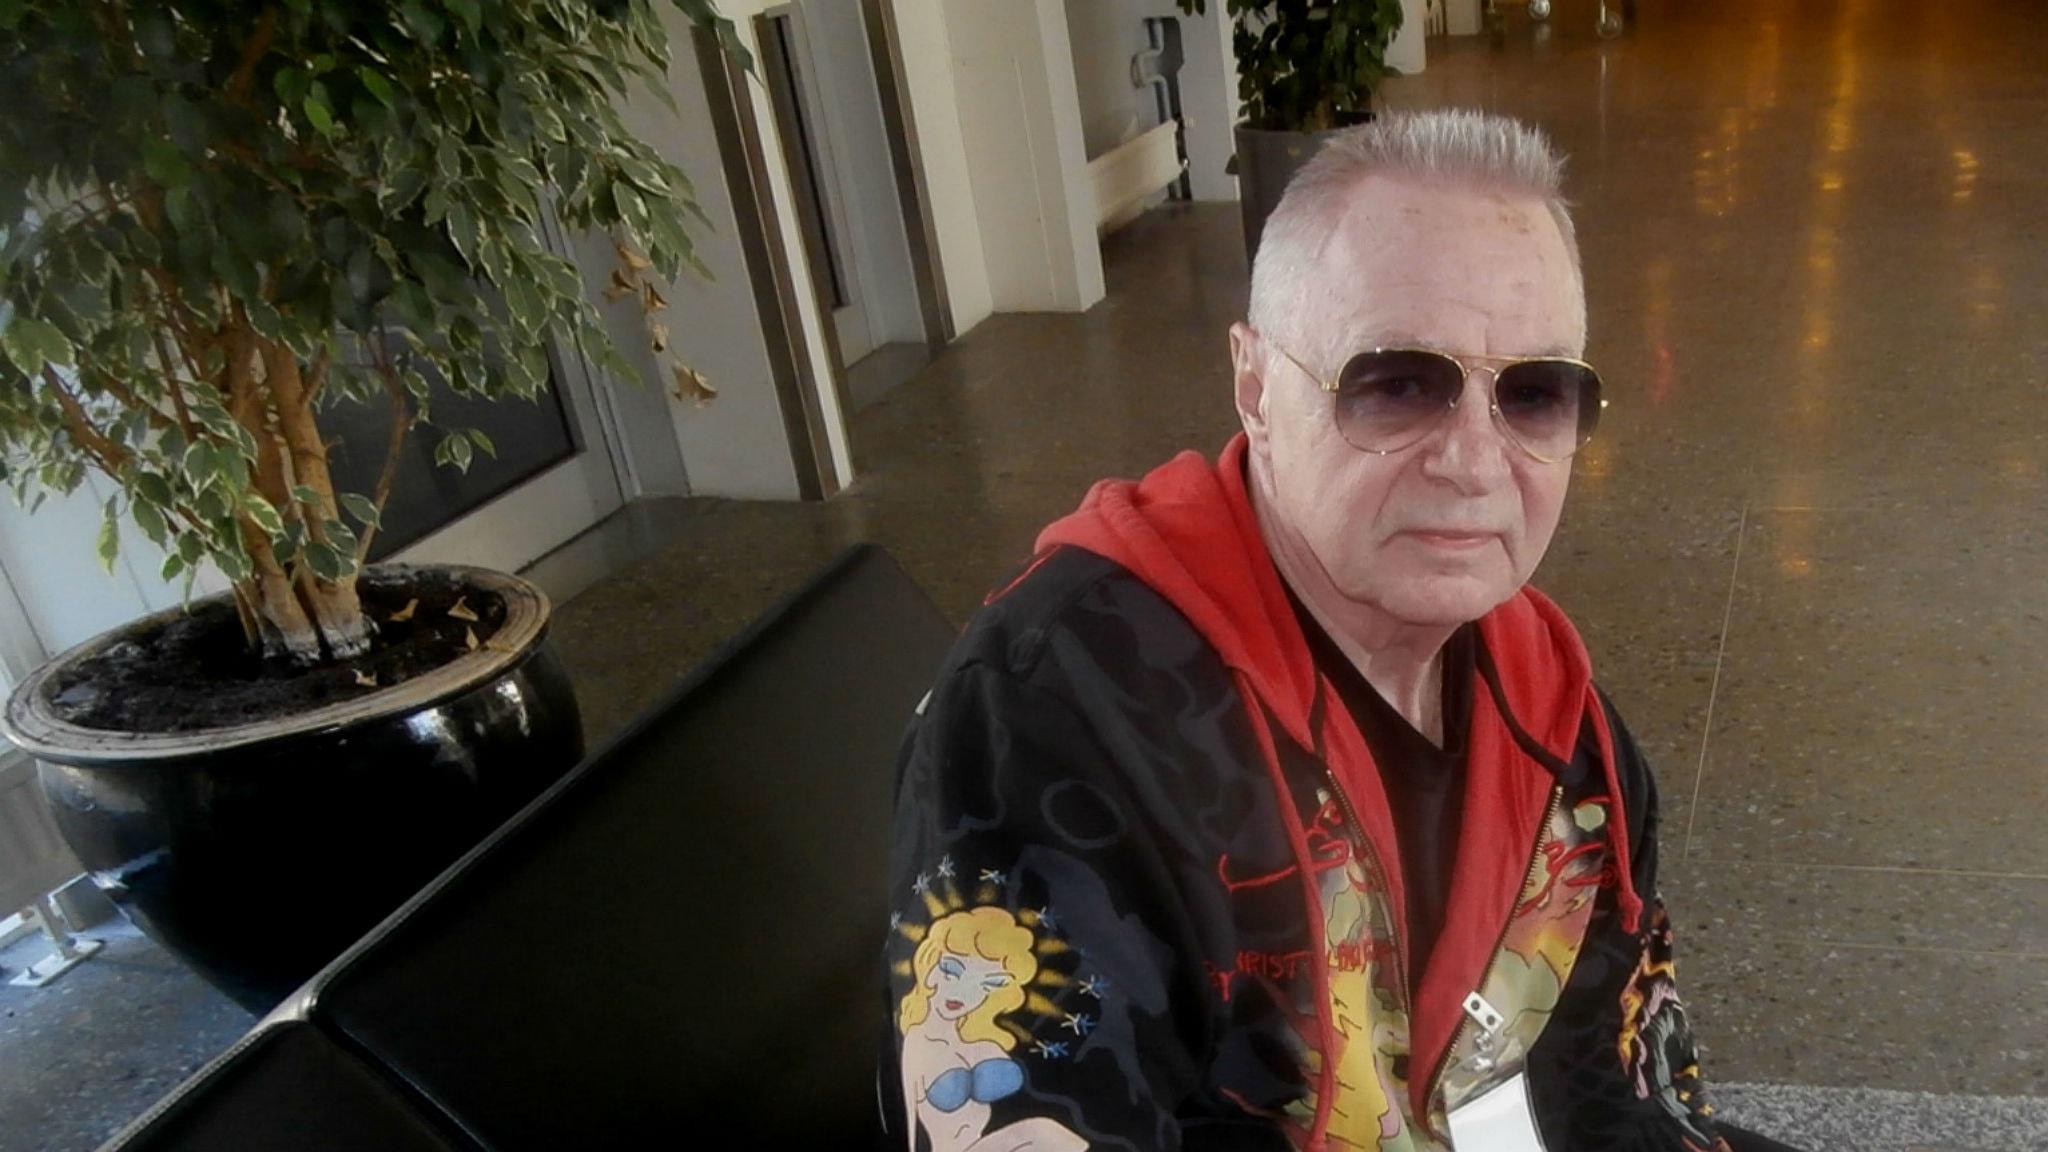 Jerry Williams berättar om sin krogshow och om senaste plattan